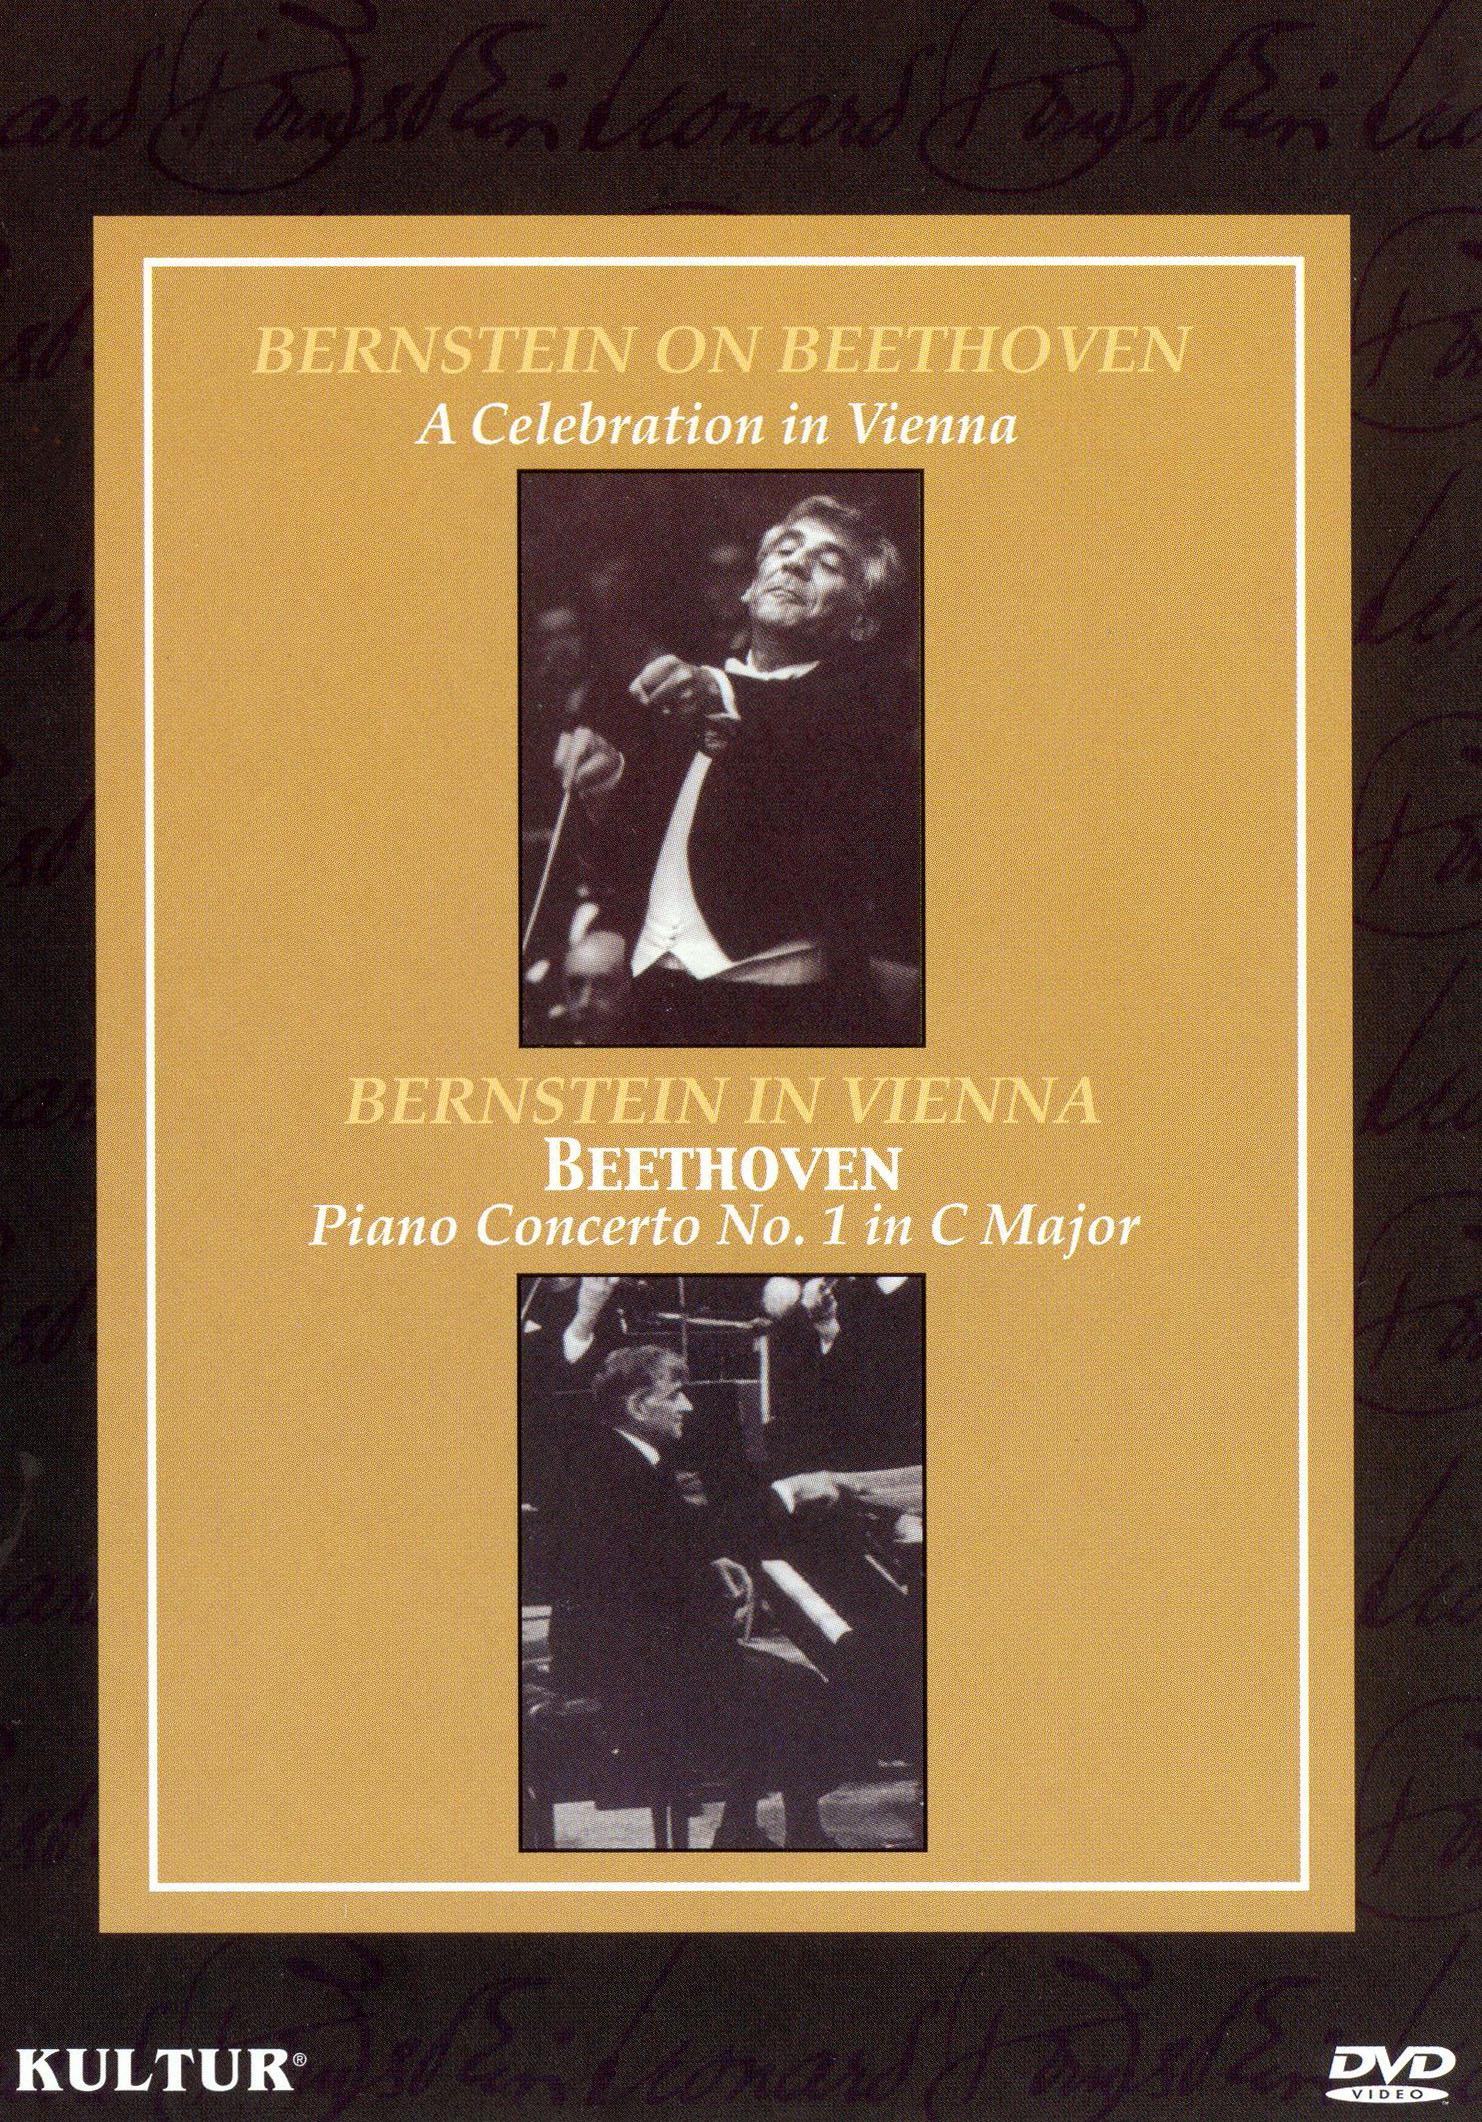 Leonard Bernstein: Bernstein on Beethoven